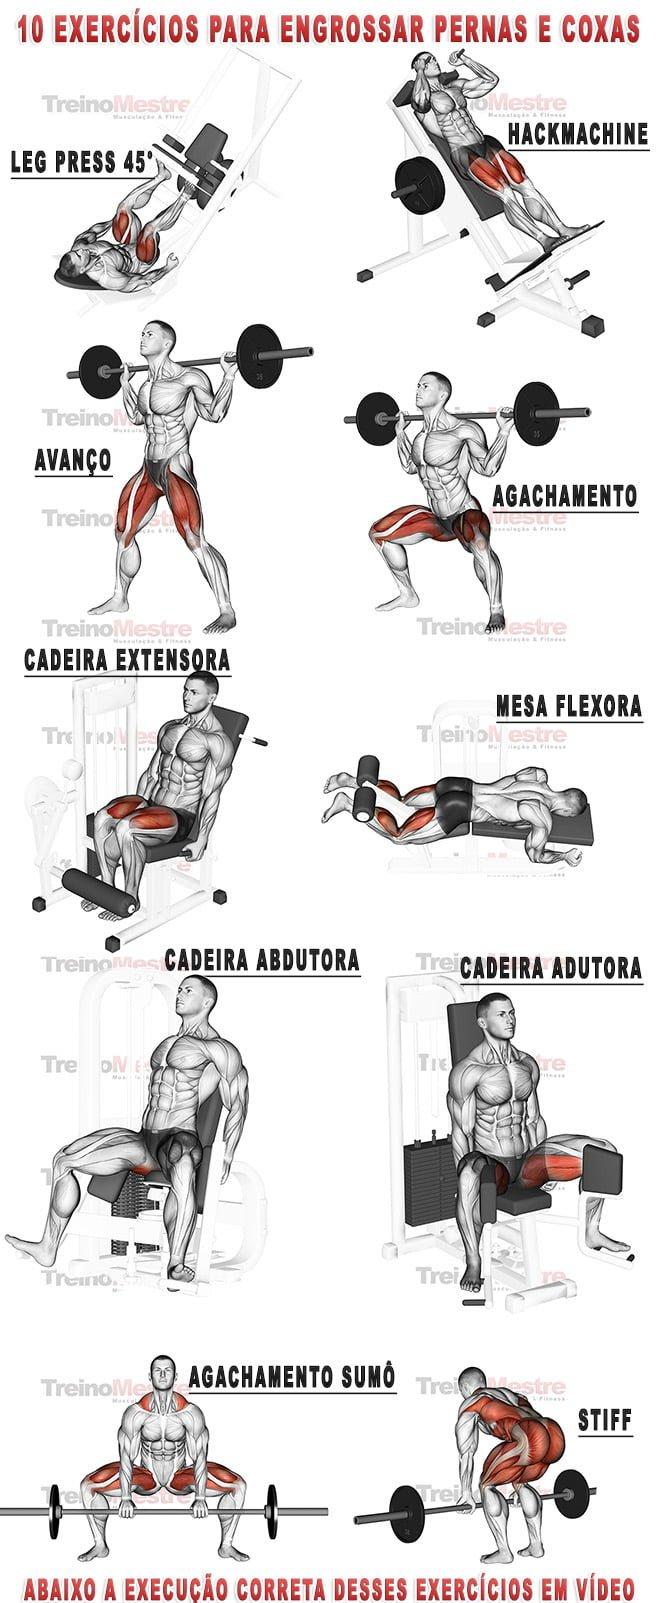 Treino de Pernas - Exercícios para pernas